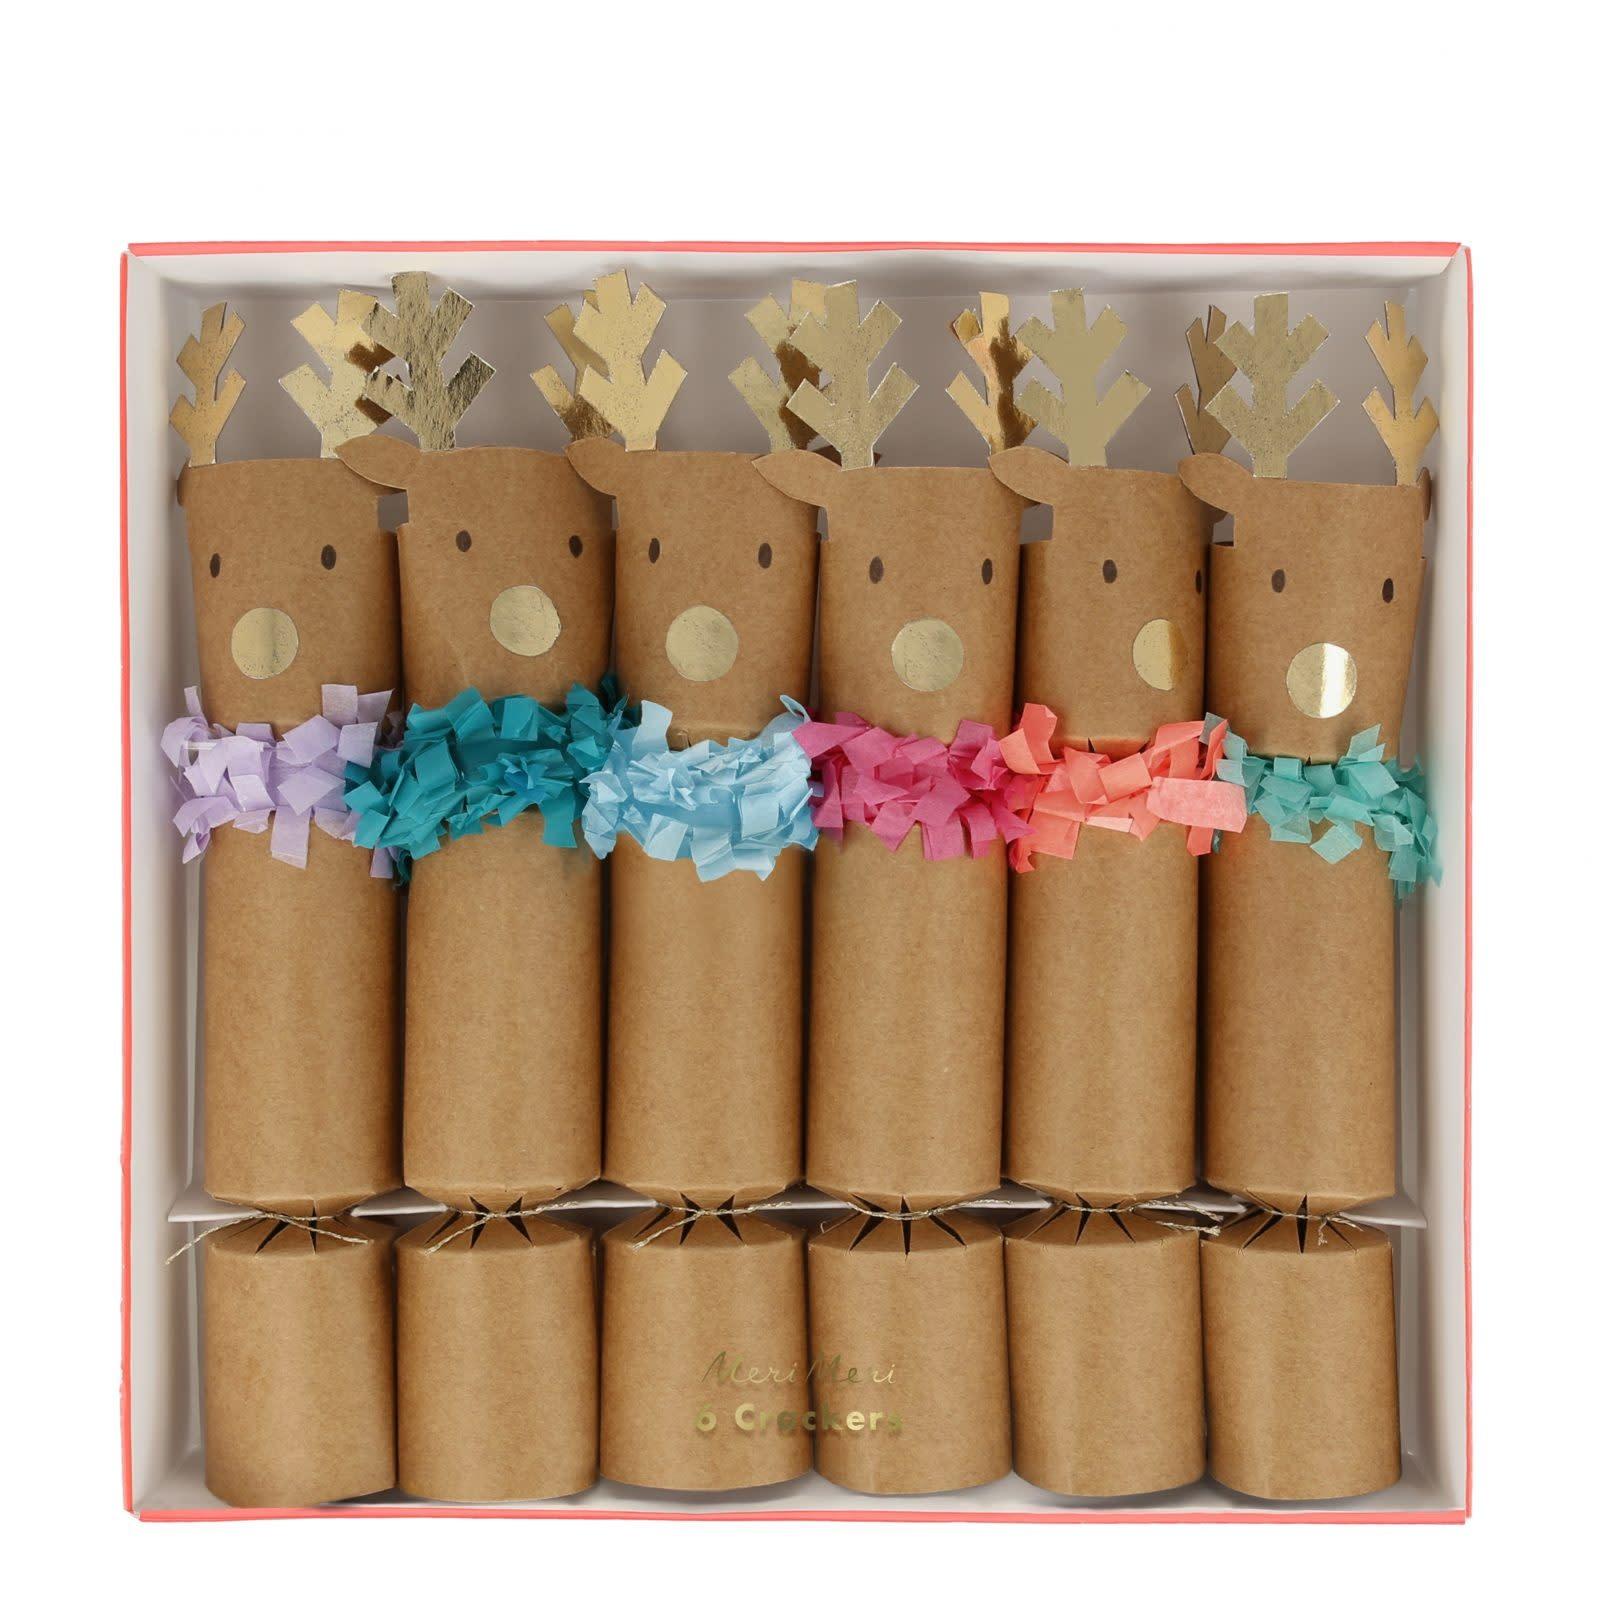 MERIMERI Reindeer fringe crackers S